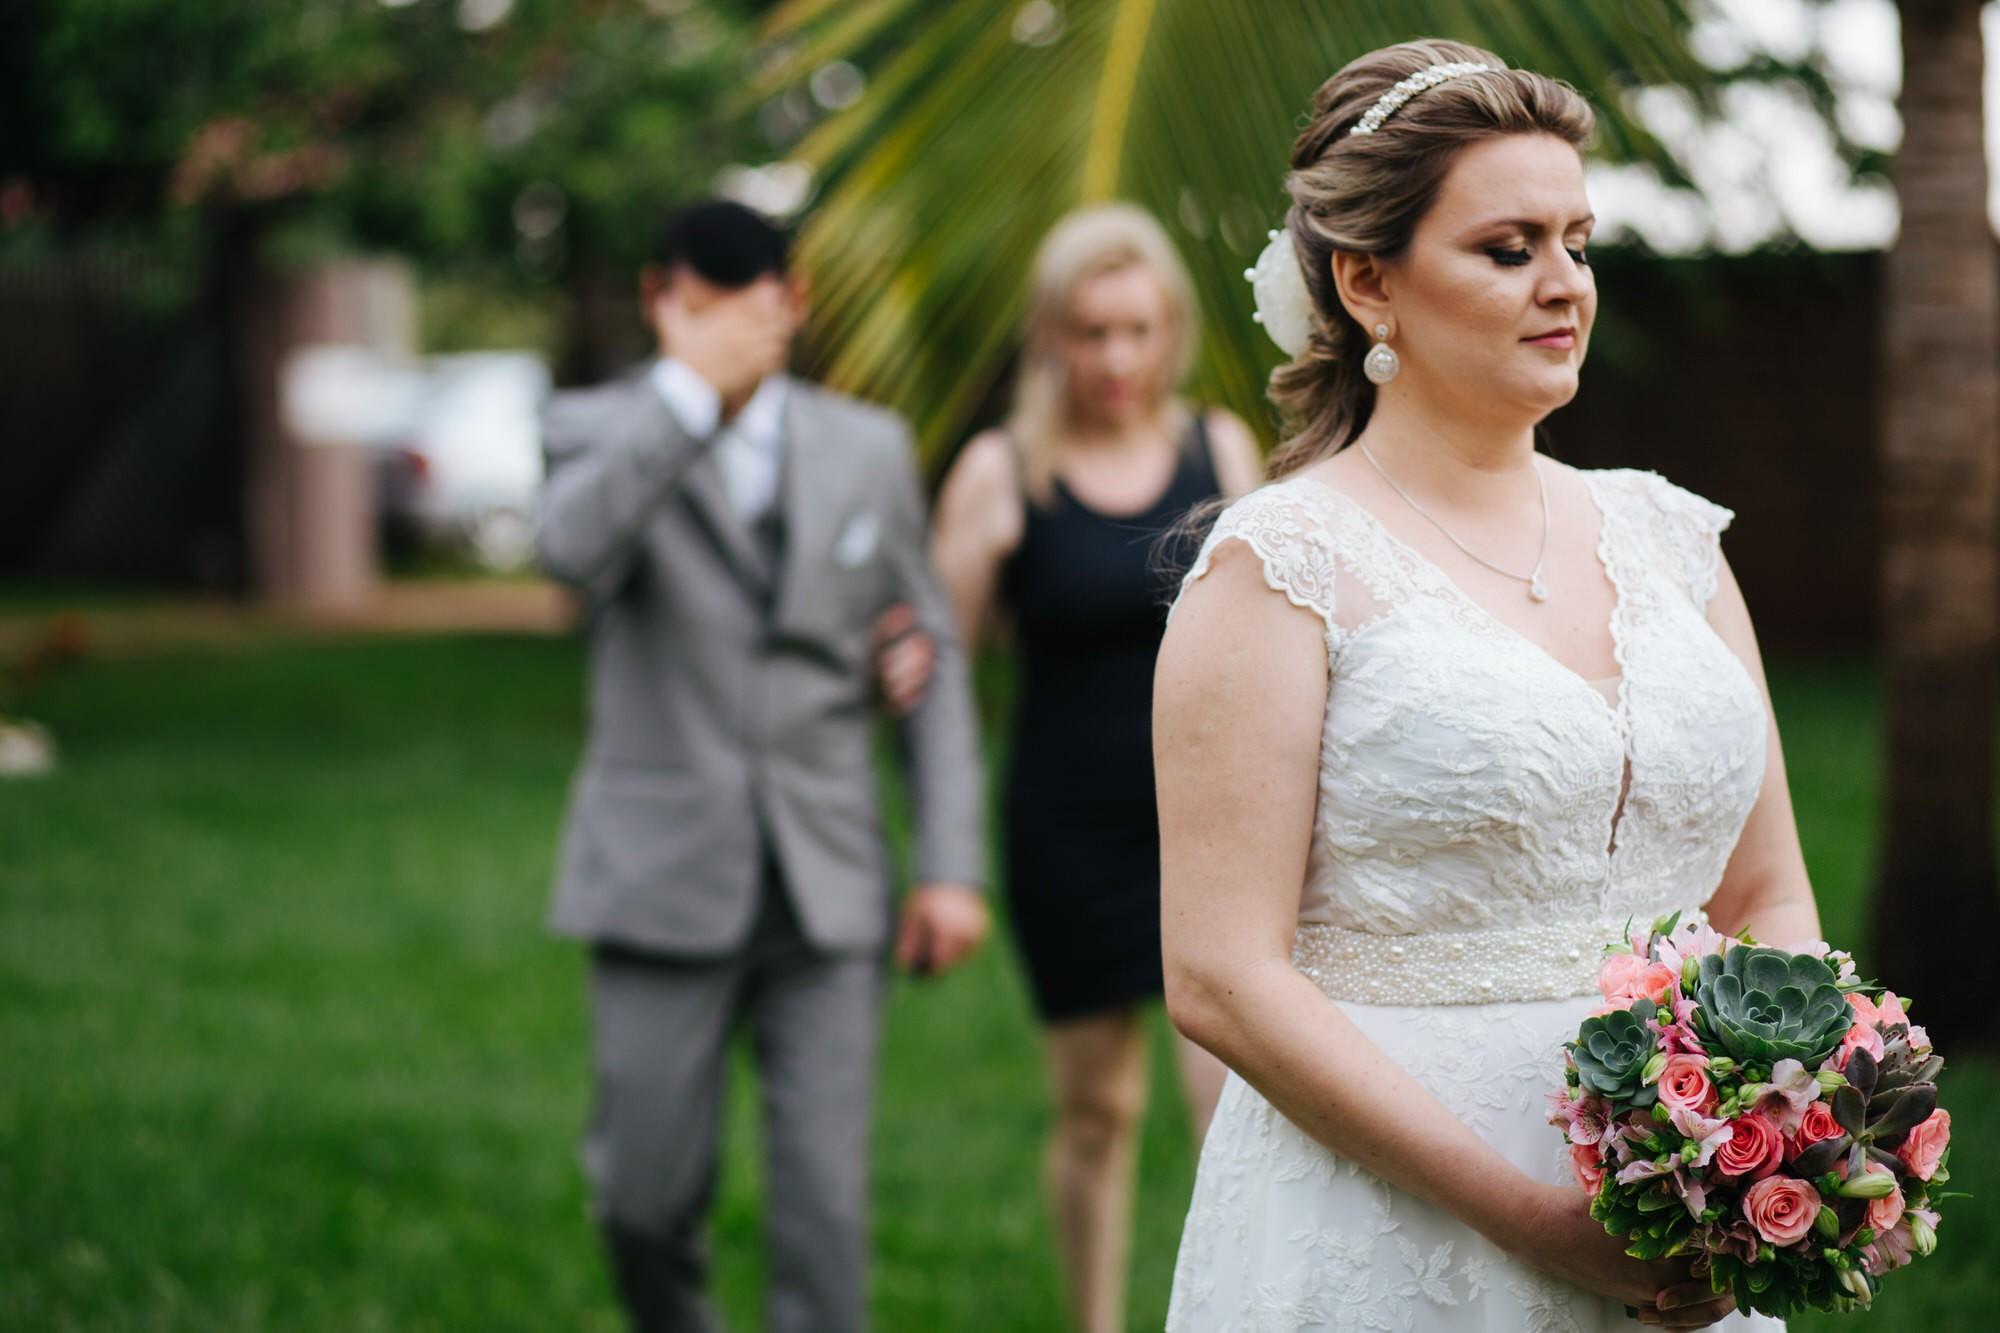 Fabio e Gisele - Casamento em Mundo Novo - MS por Lorran Souza e Léia Sotile - fotografo de casamentos - 00008